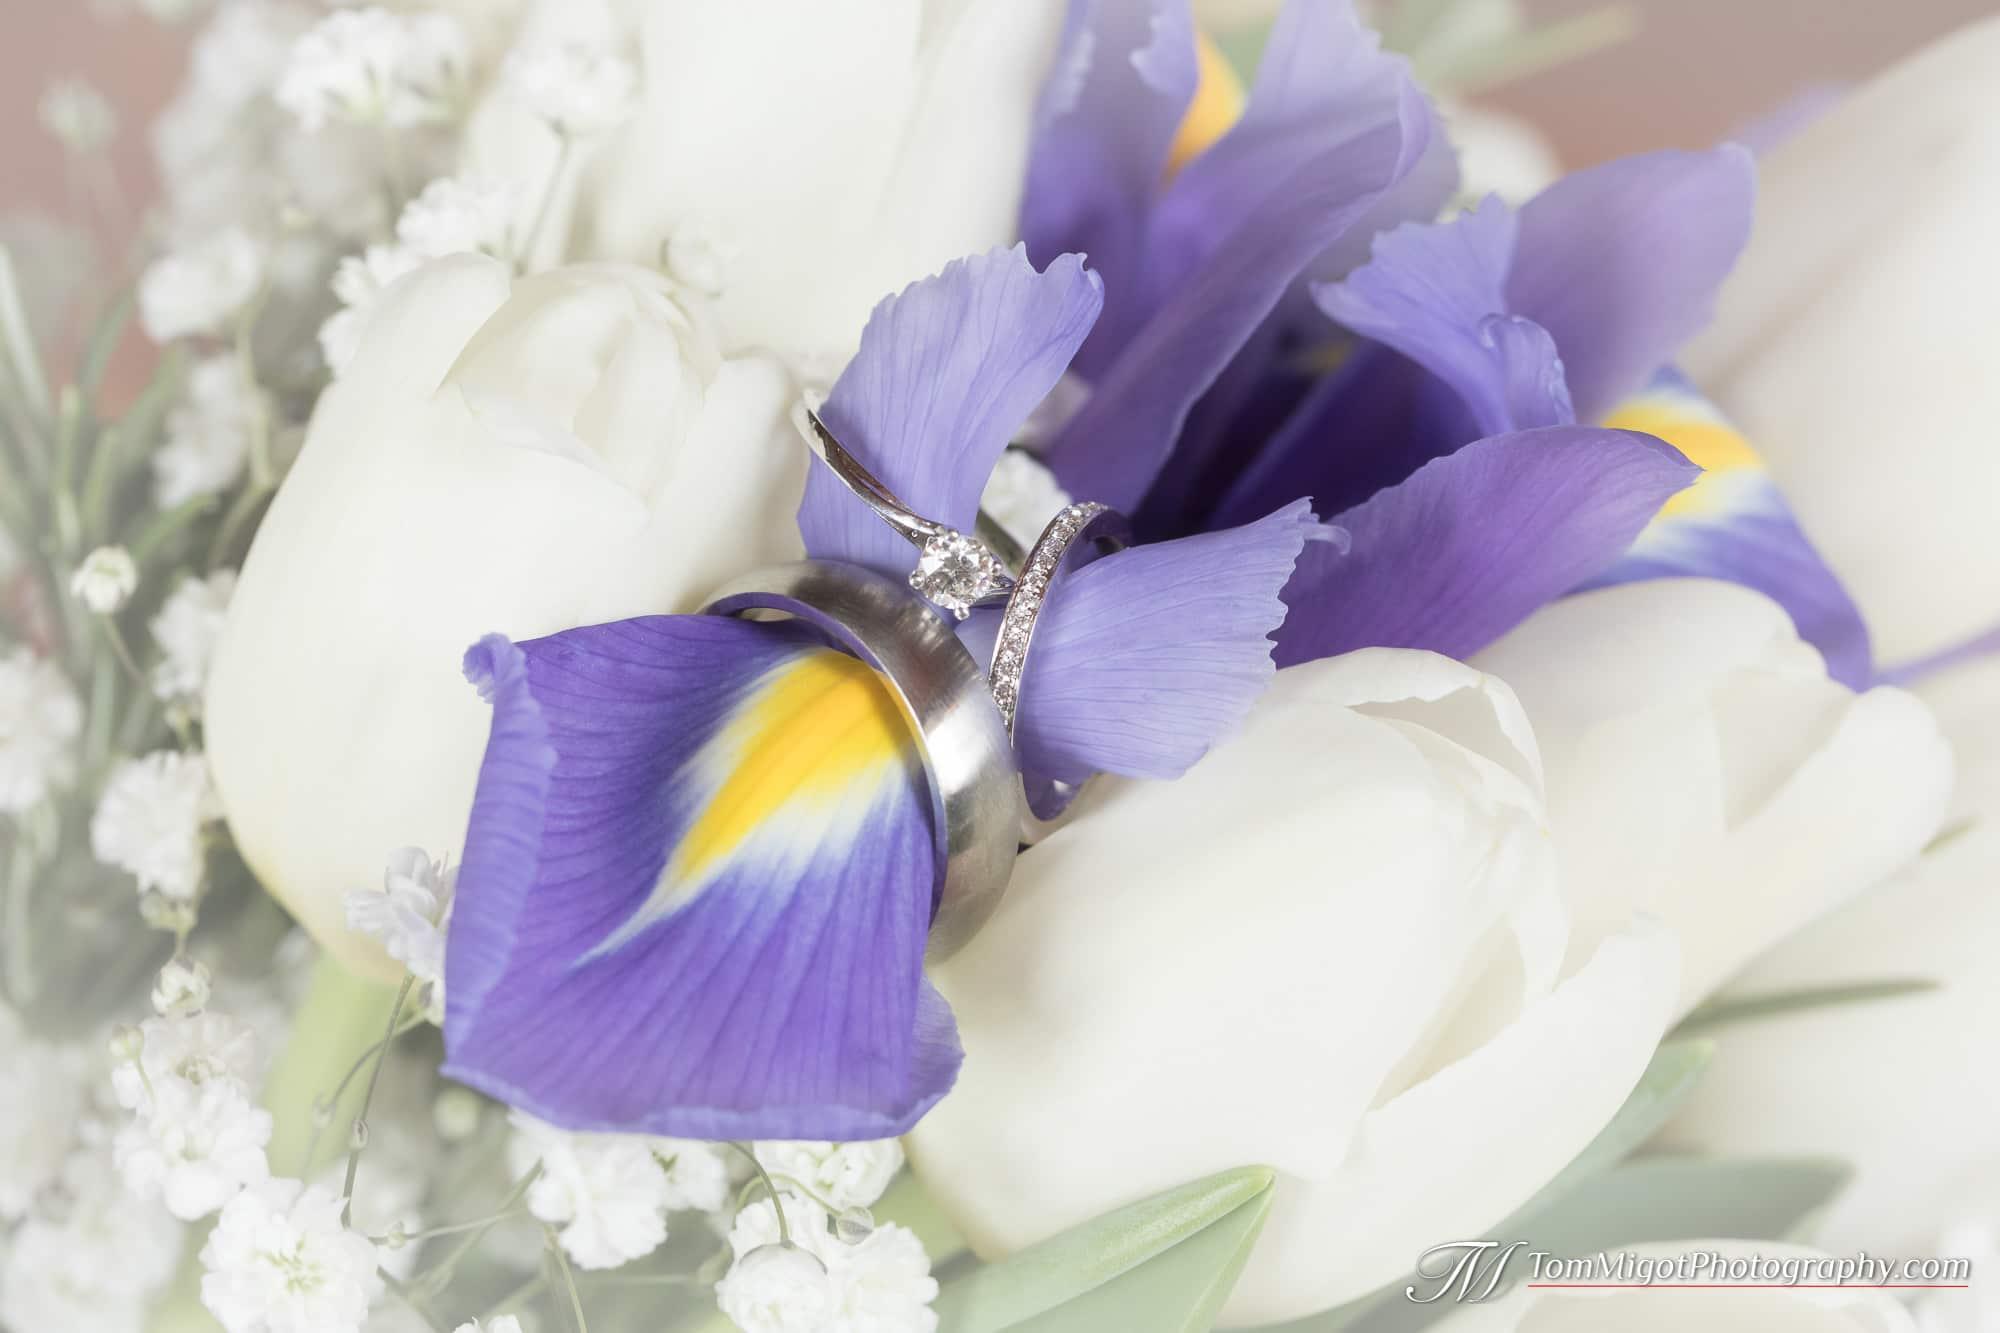 Les bagues de fiançaille et de mariage